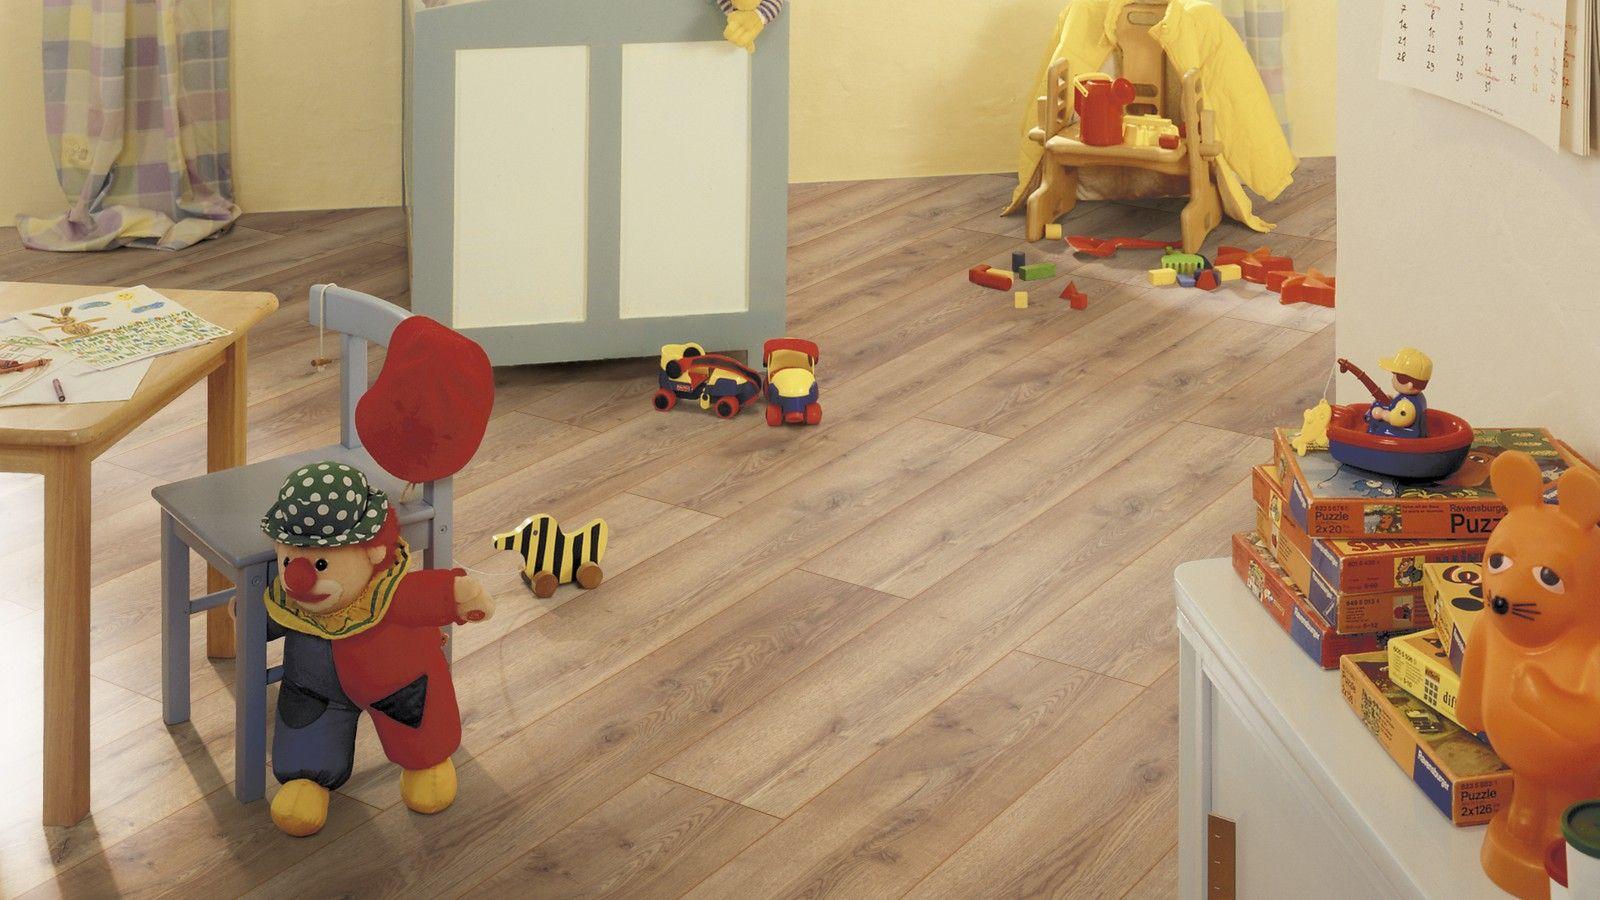 باركيه ارضيات وود ليت عروض لاتنتهى غرف الاطفال 28 ريال مع التركيب للتواصل عبر الهاتف 533000564 المملكة الرياض الرياض خدمات بار Kids Rugs Wood Decor